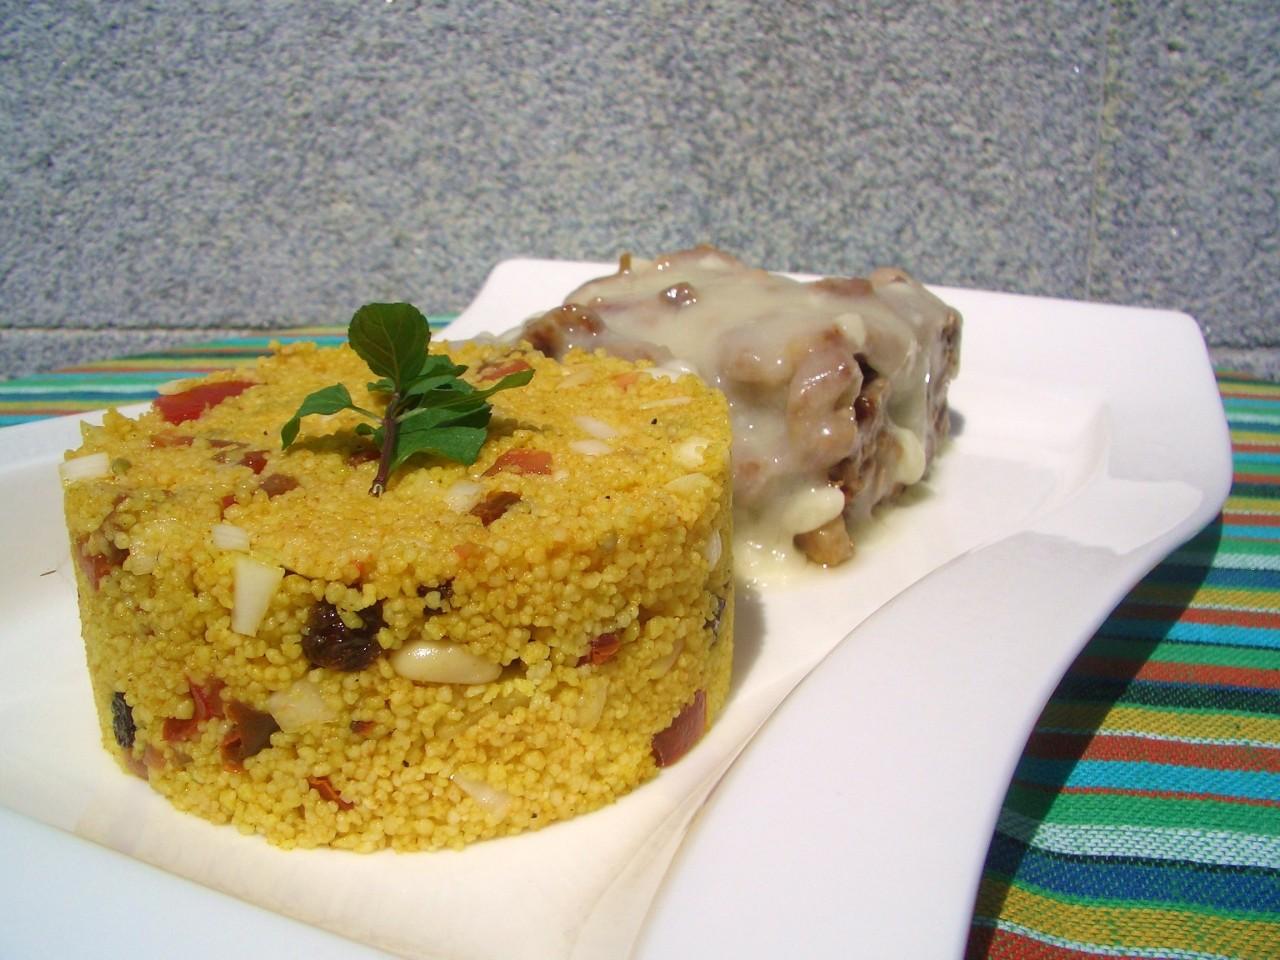 Costilla de Cerdo con Torta del Casar y Tabule Marroquí – Pork Rib with Cheese and MoroccanTaboule